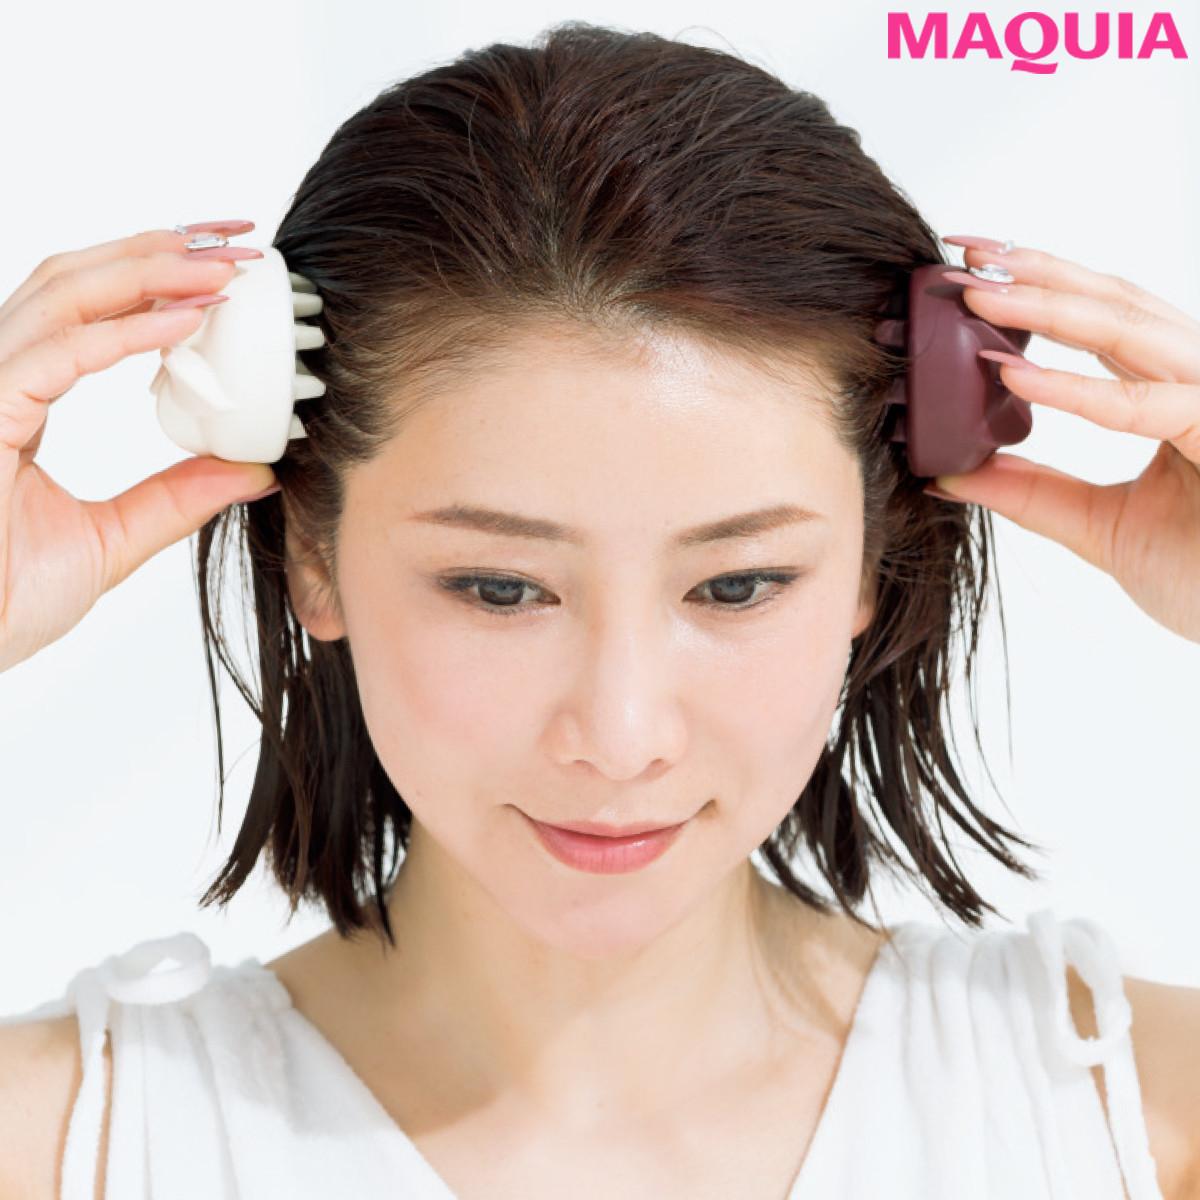 50歳でもこの美髪! たるみ予防にも一役買う、水谷雅子さんのお風呂ケアを大公開